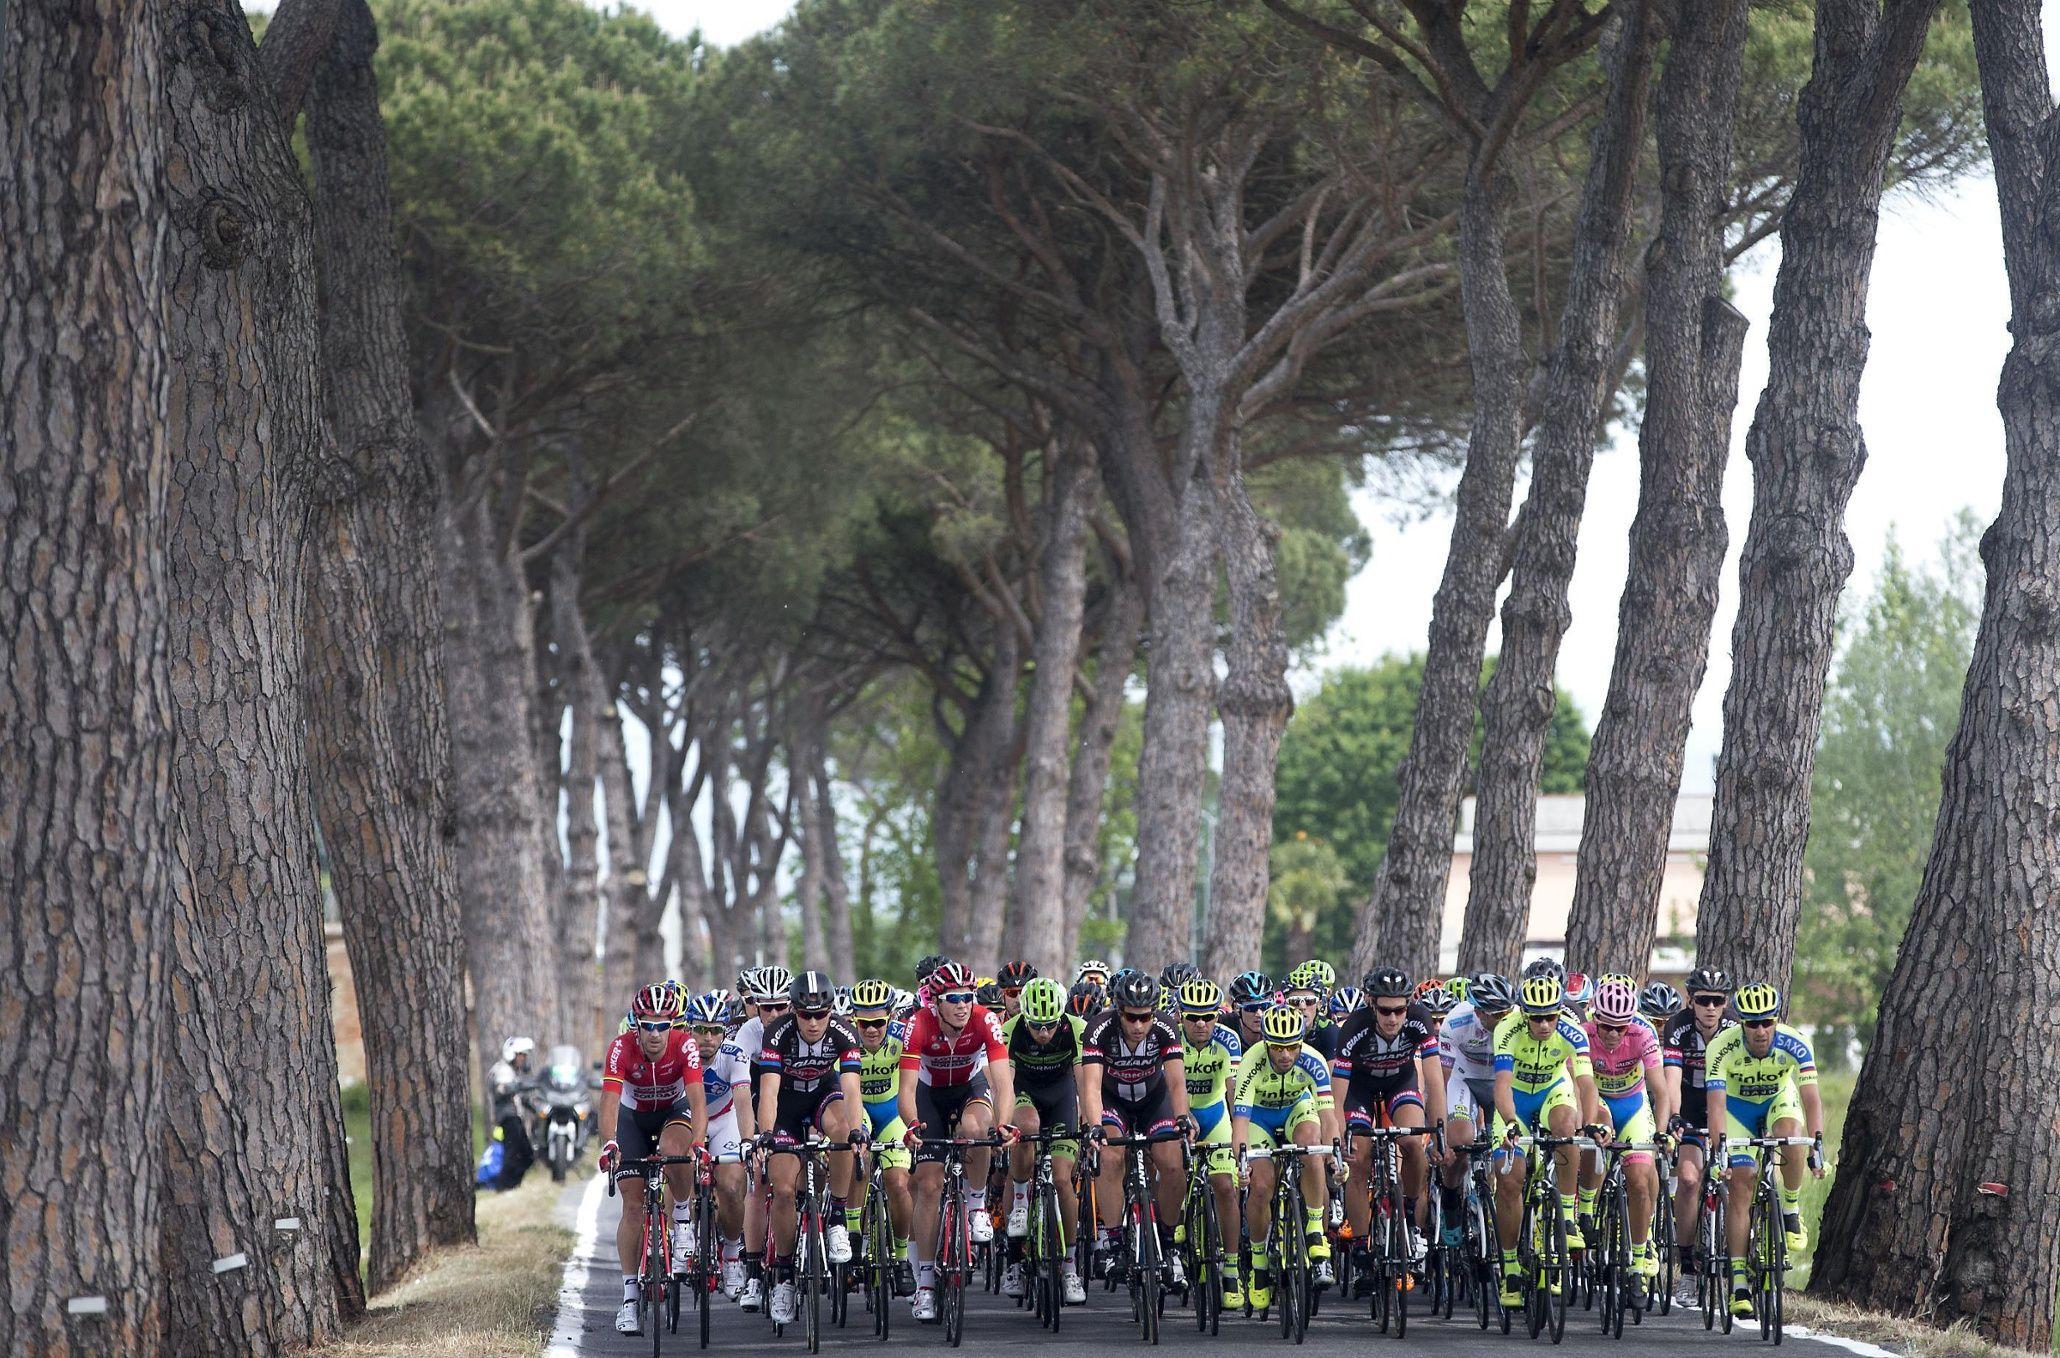 Giro d'Italia 2015: Montecatini Terme to Castiglione della Pascaia - superb pic by Claudio Peri/PA